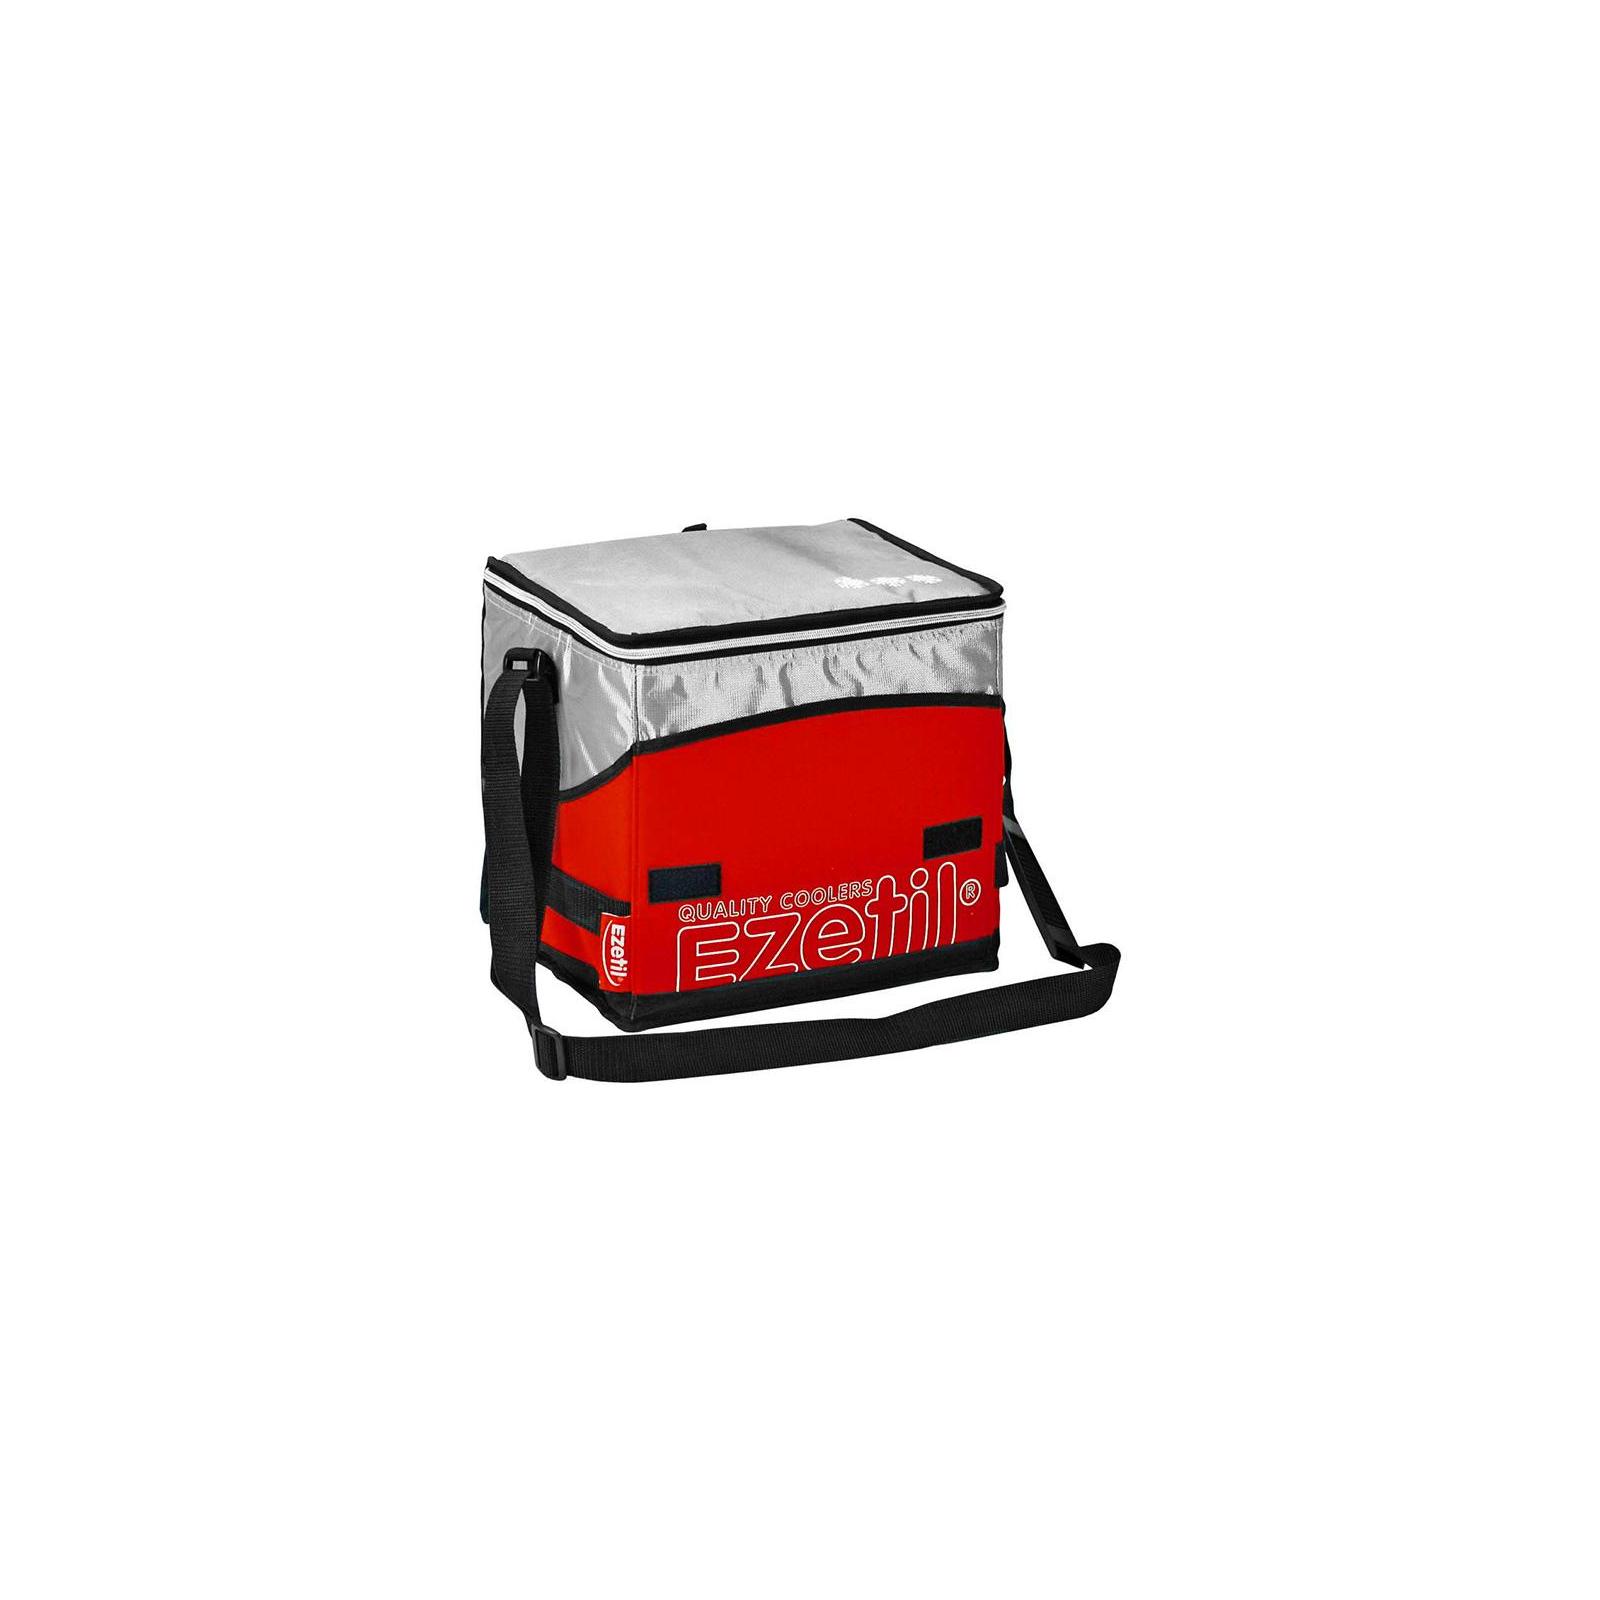 Термосумка Ezetil Extreme 28 л red (4020716272689RED) изображение 2